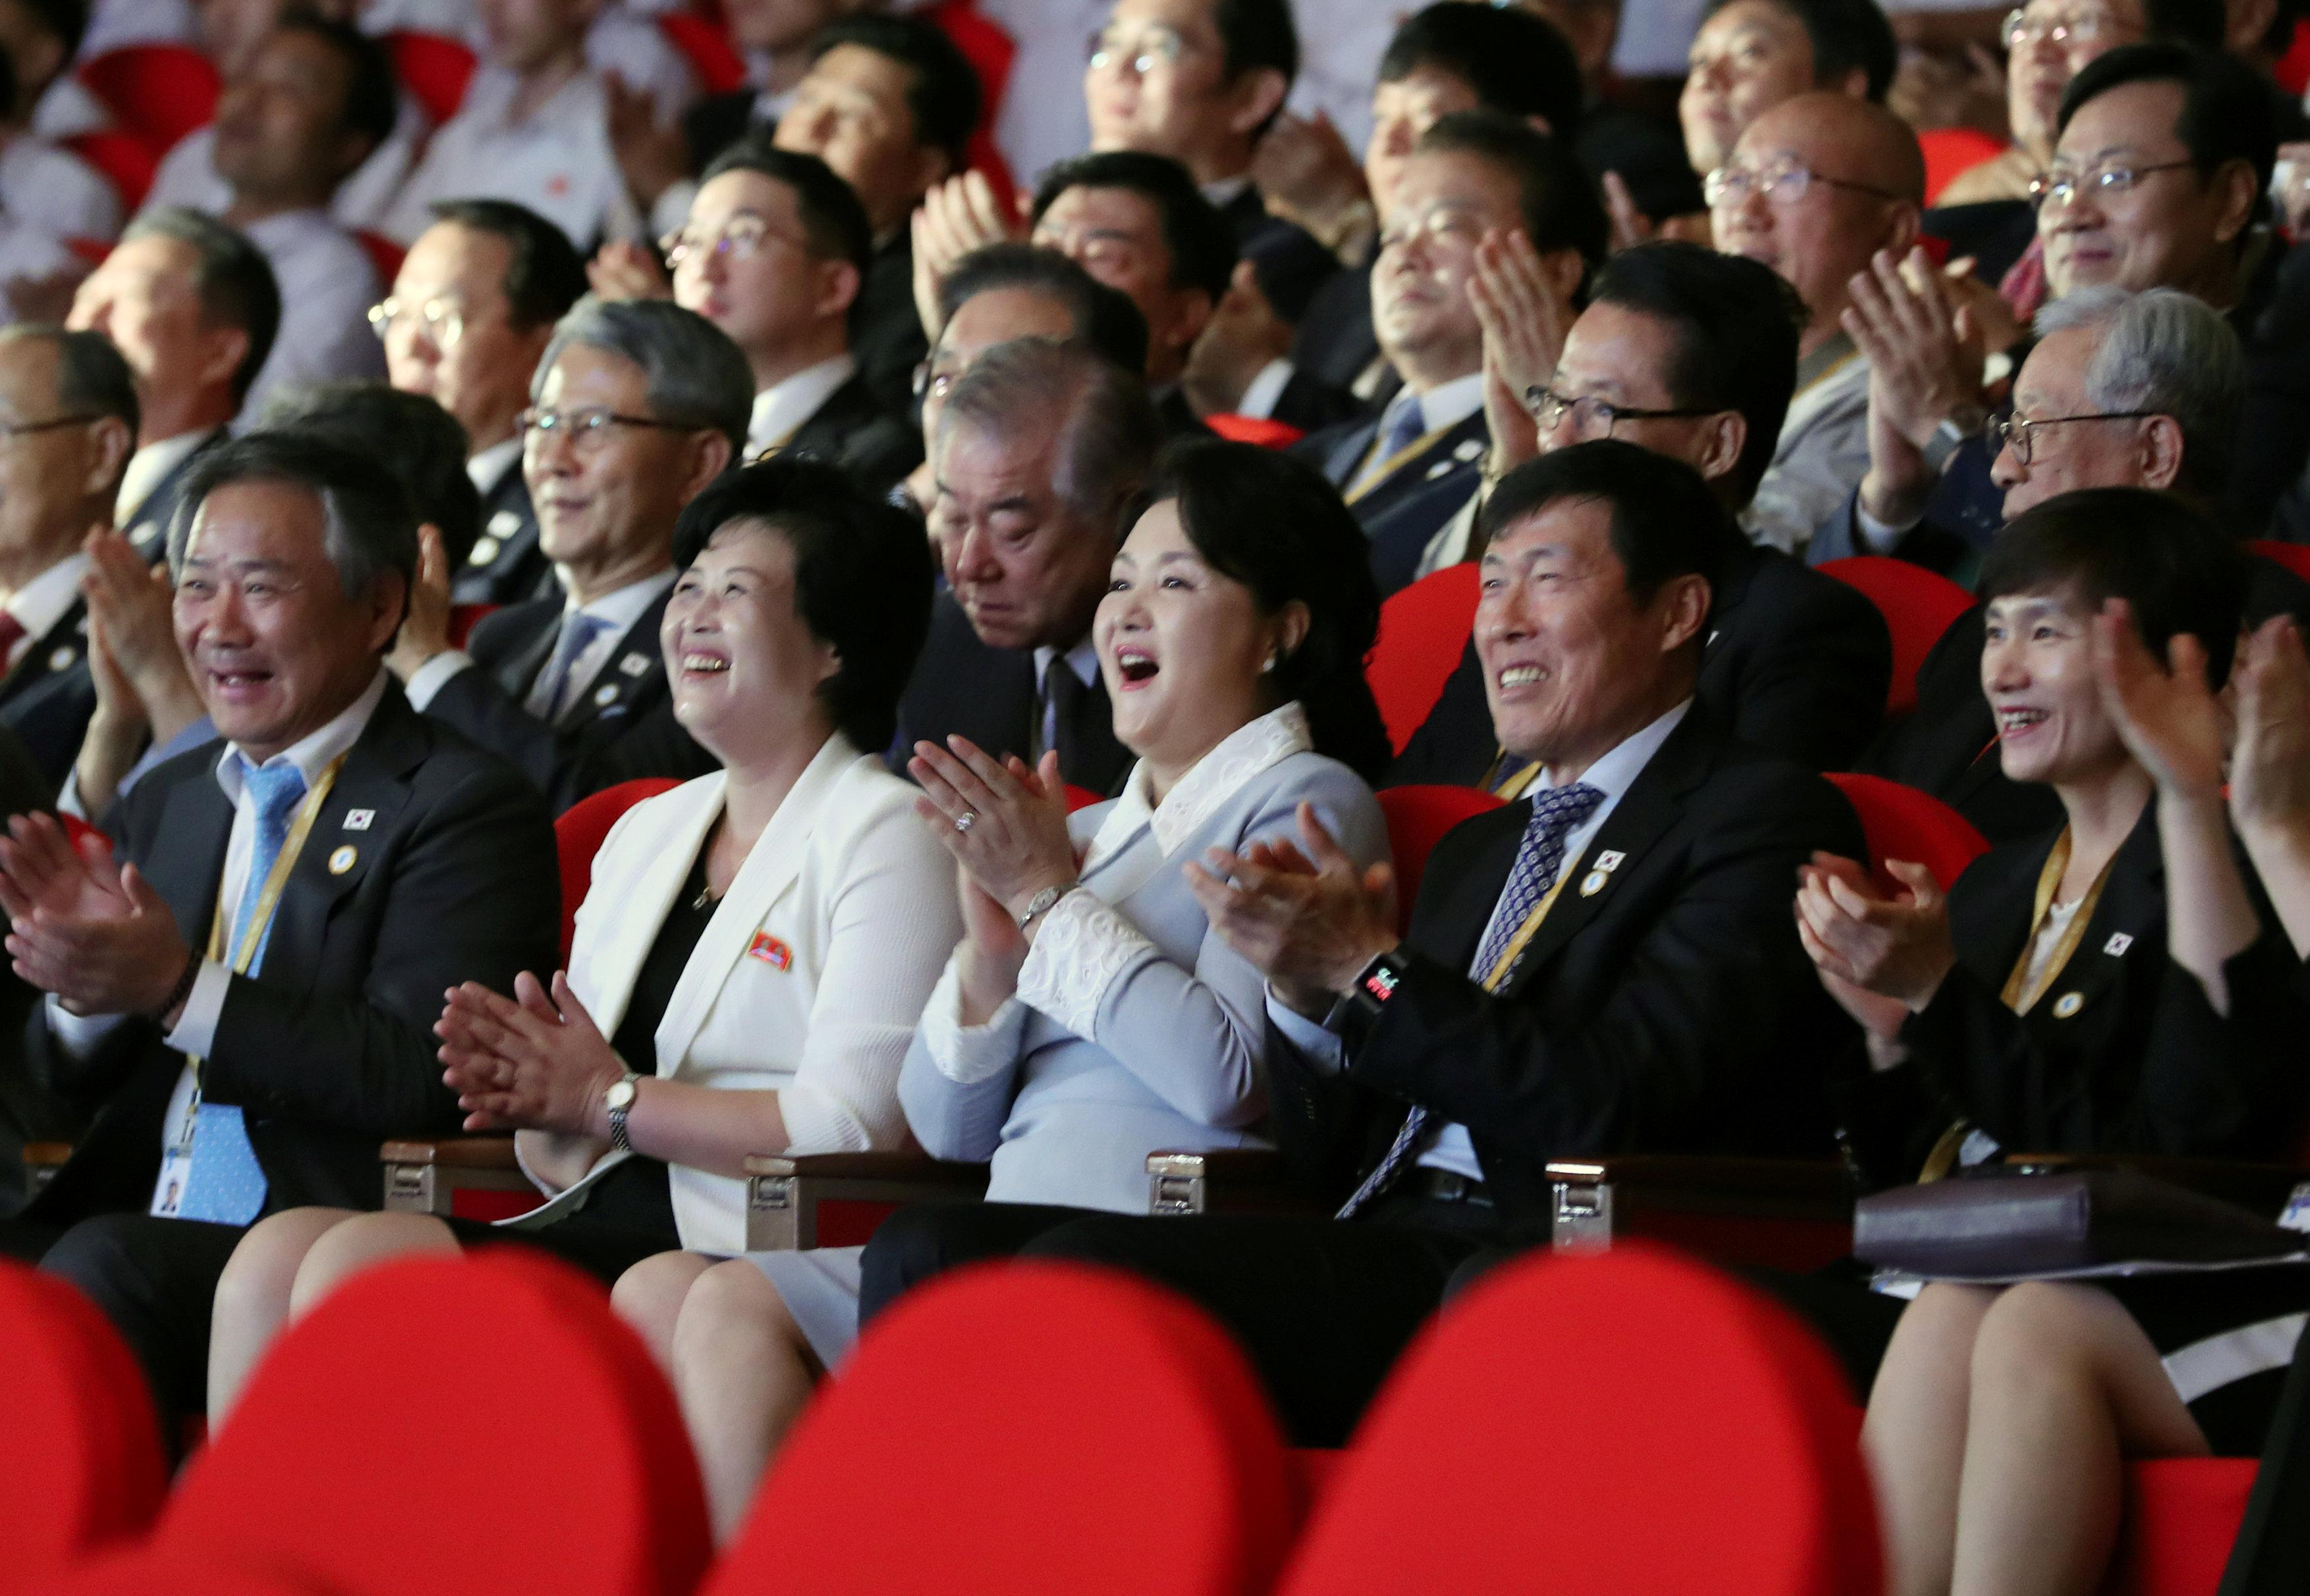 السيدة الأولى فى كوريا الشمالية برفقة نظيرتها الكورية الجنوبية